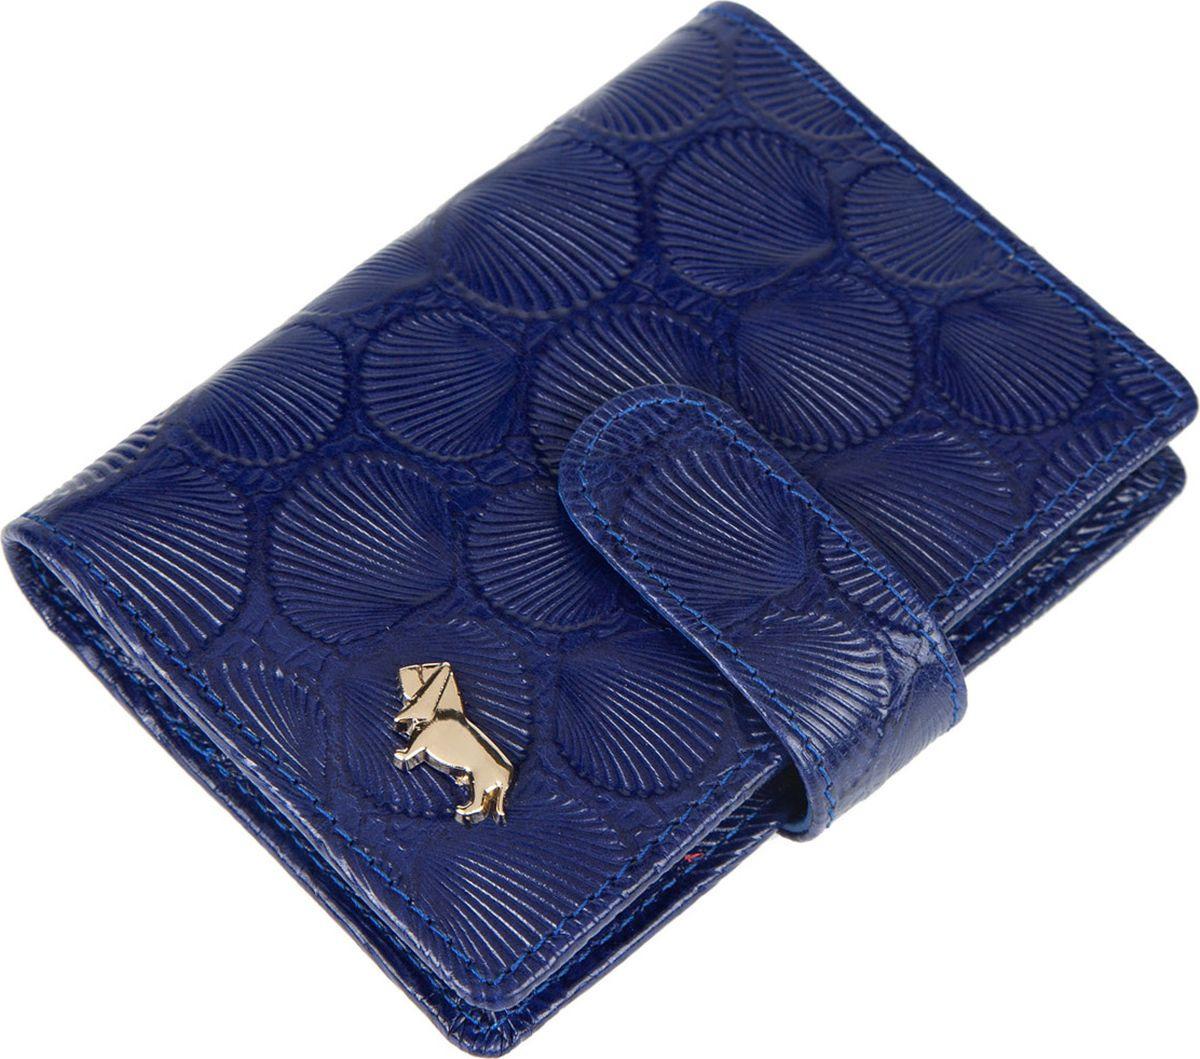 Визитница женская Labbra, L054-5589 blue, синий labbra визитница labbra l027 5589 d brown темно коричневый